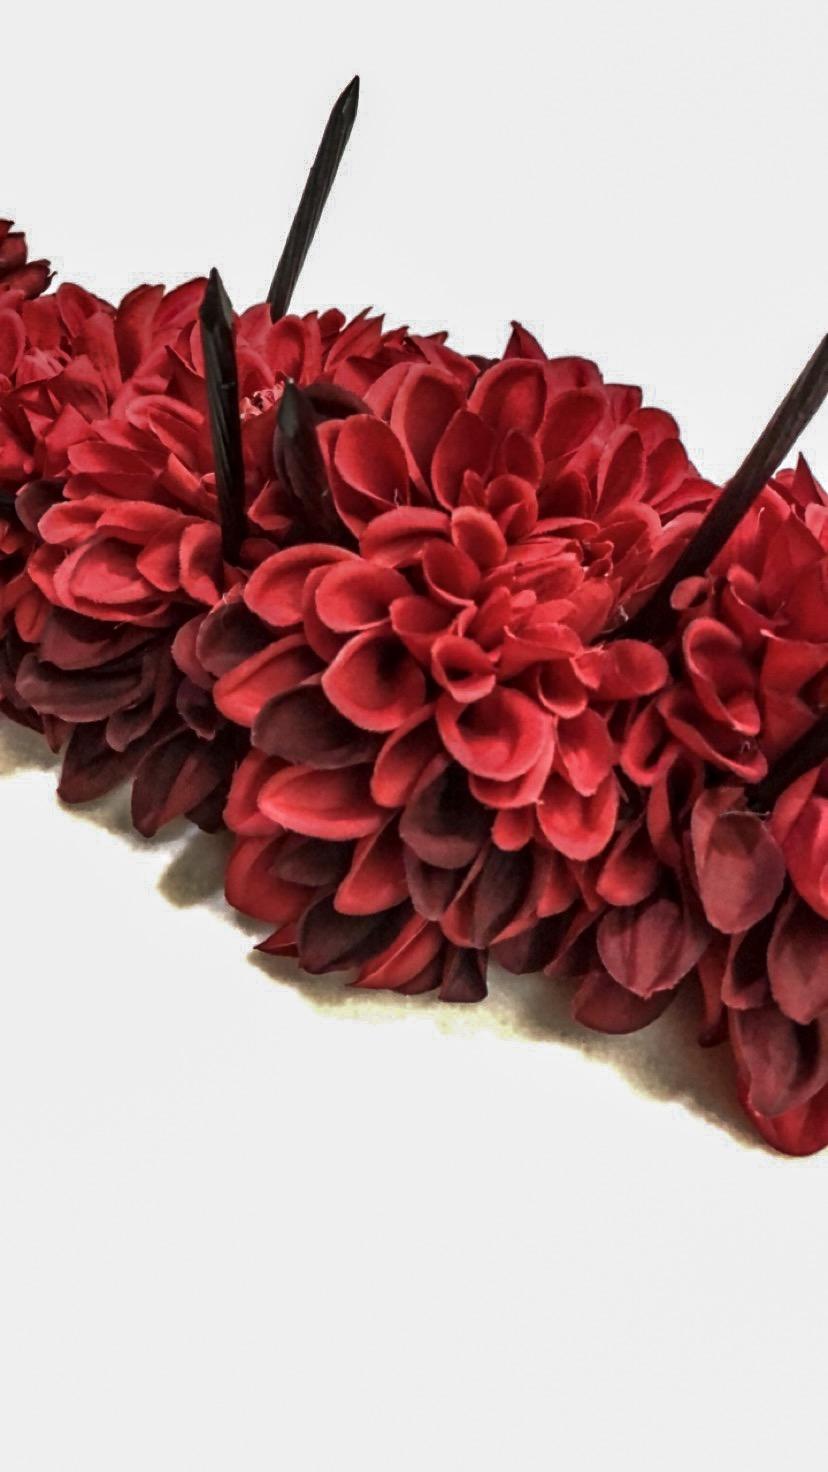 Red flower crown tumblr topsimages diy flower crown for saints international style week jpg 828x1472 red flower crown tumblr izmirmasajfo